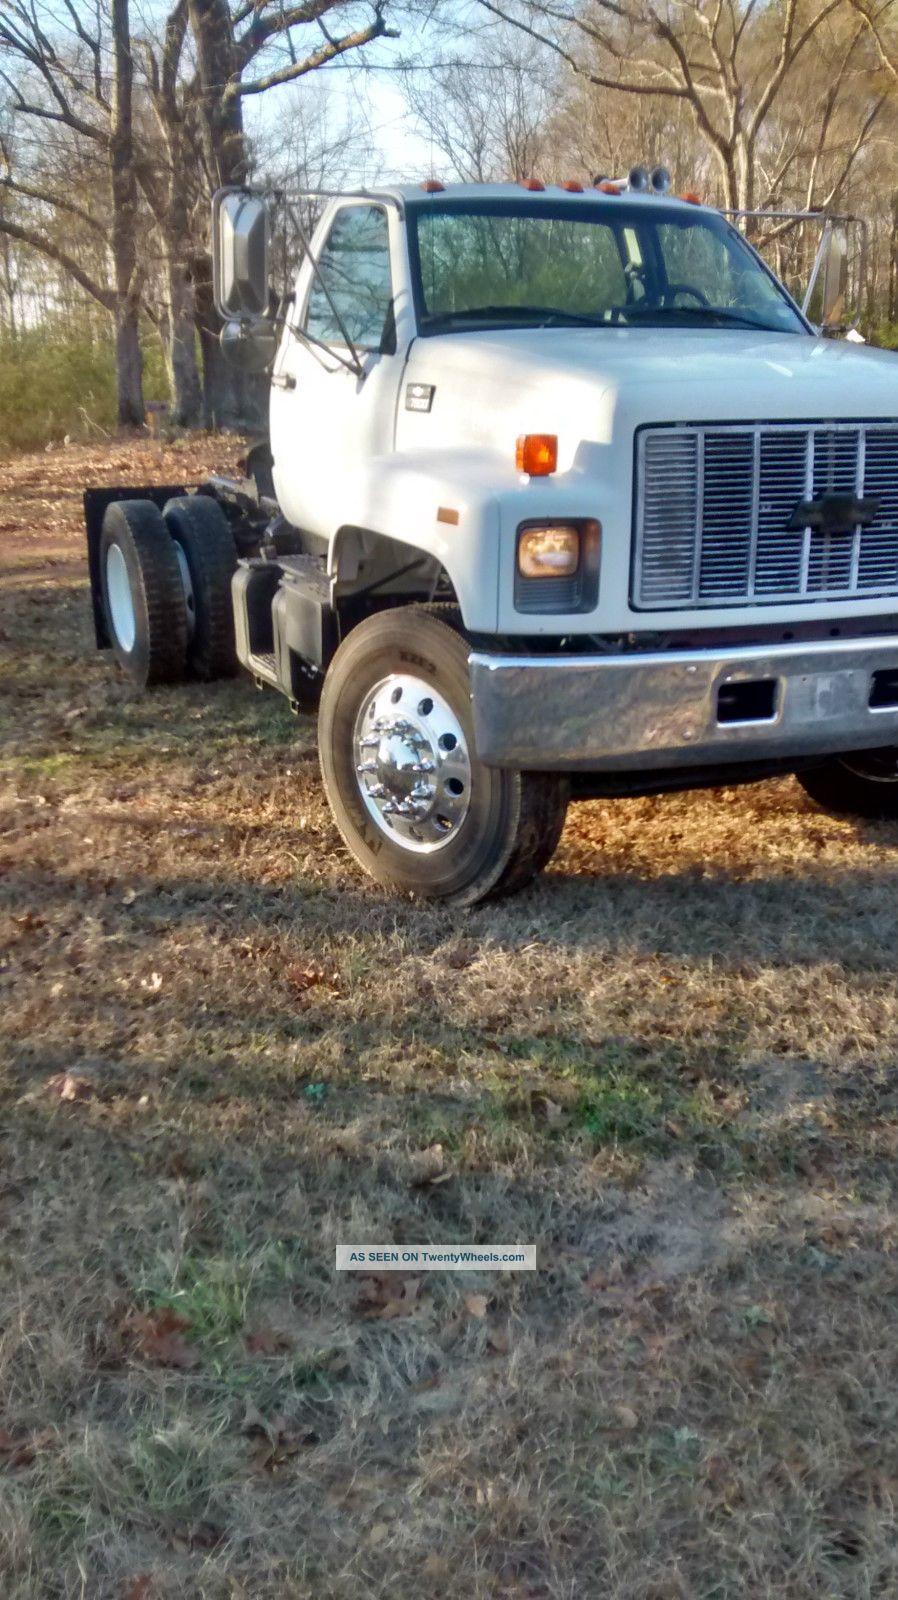 2002 Chevrolet C7500 Kodiak Other Heavy Duty Trucks photo